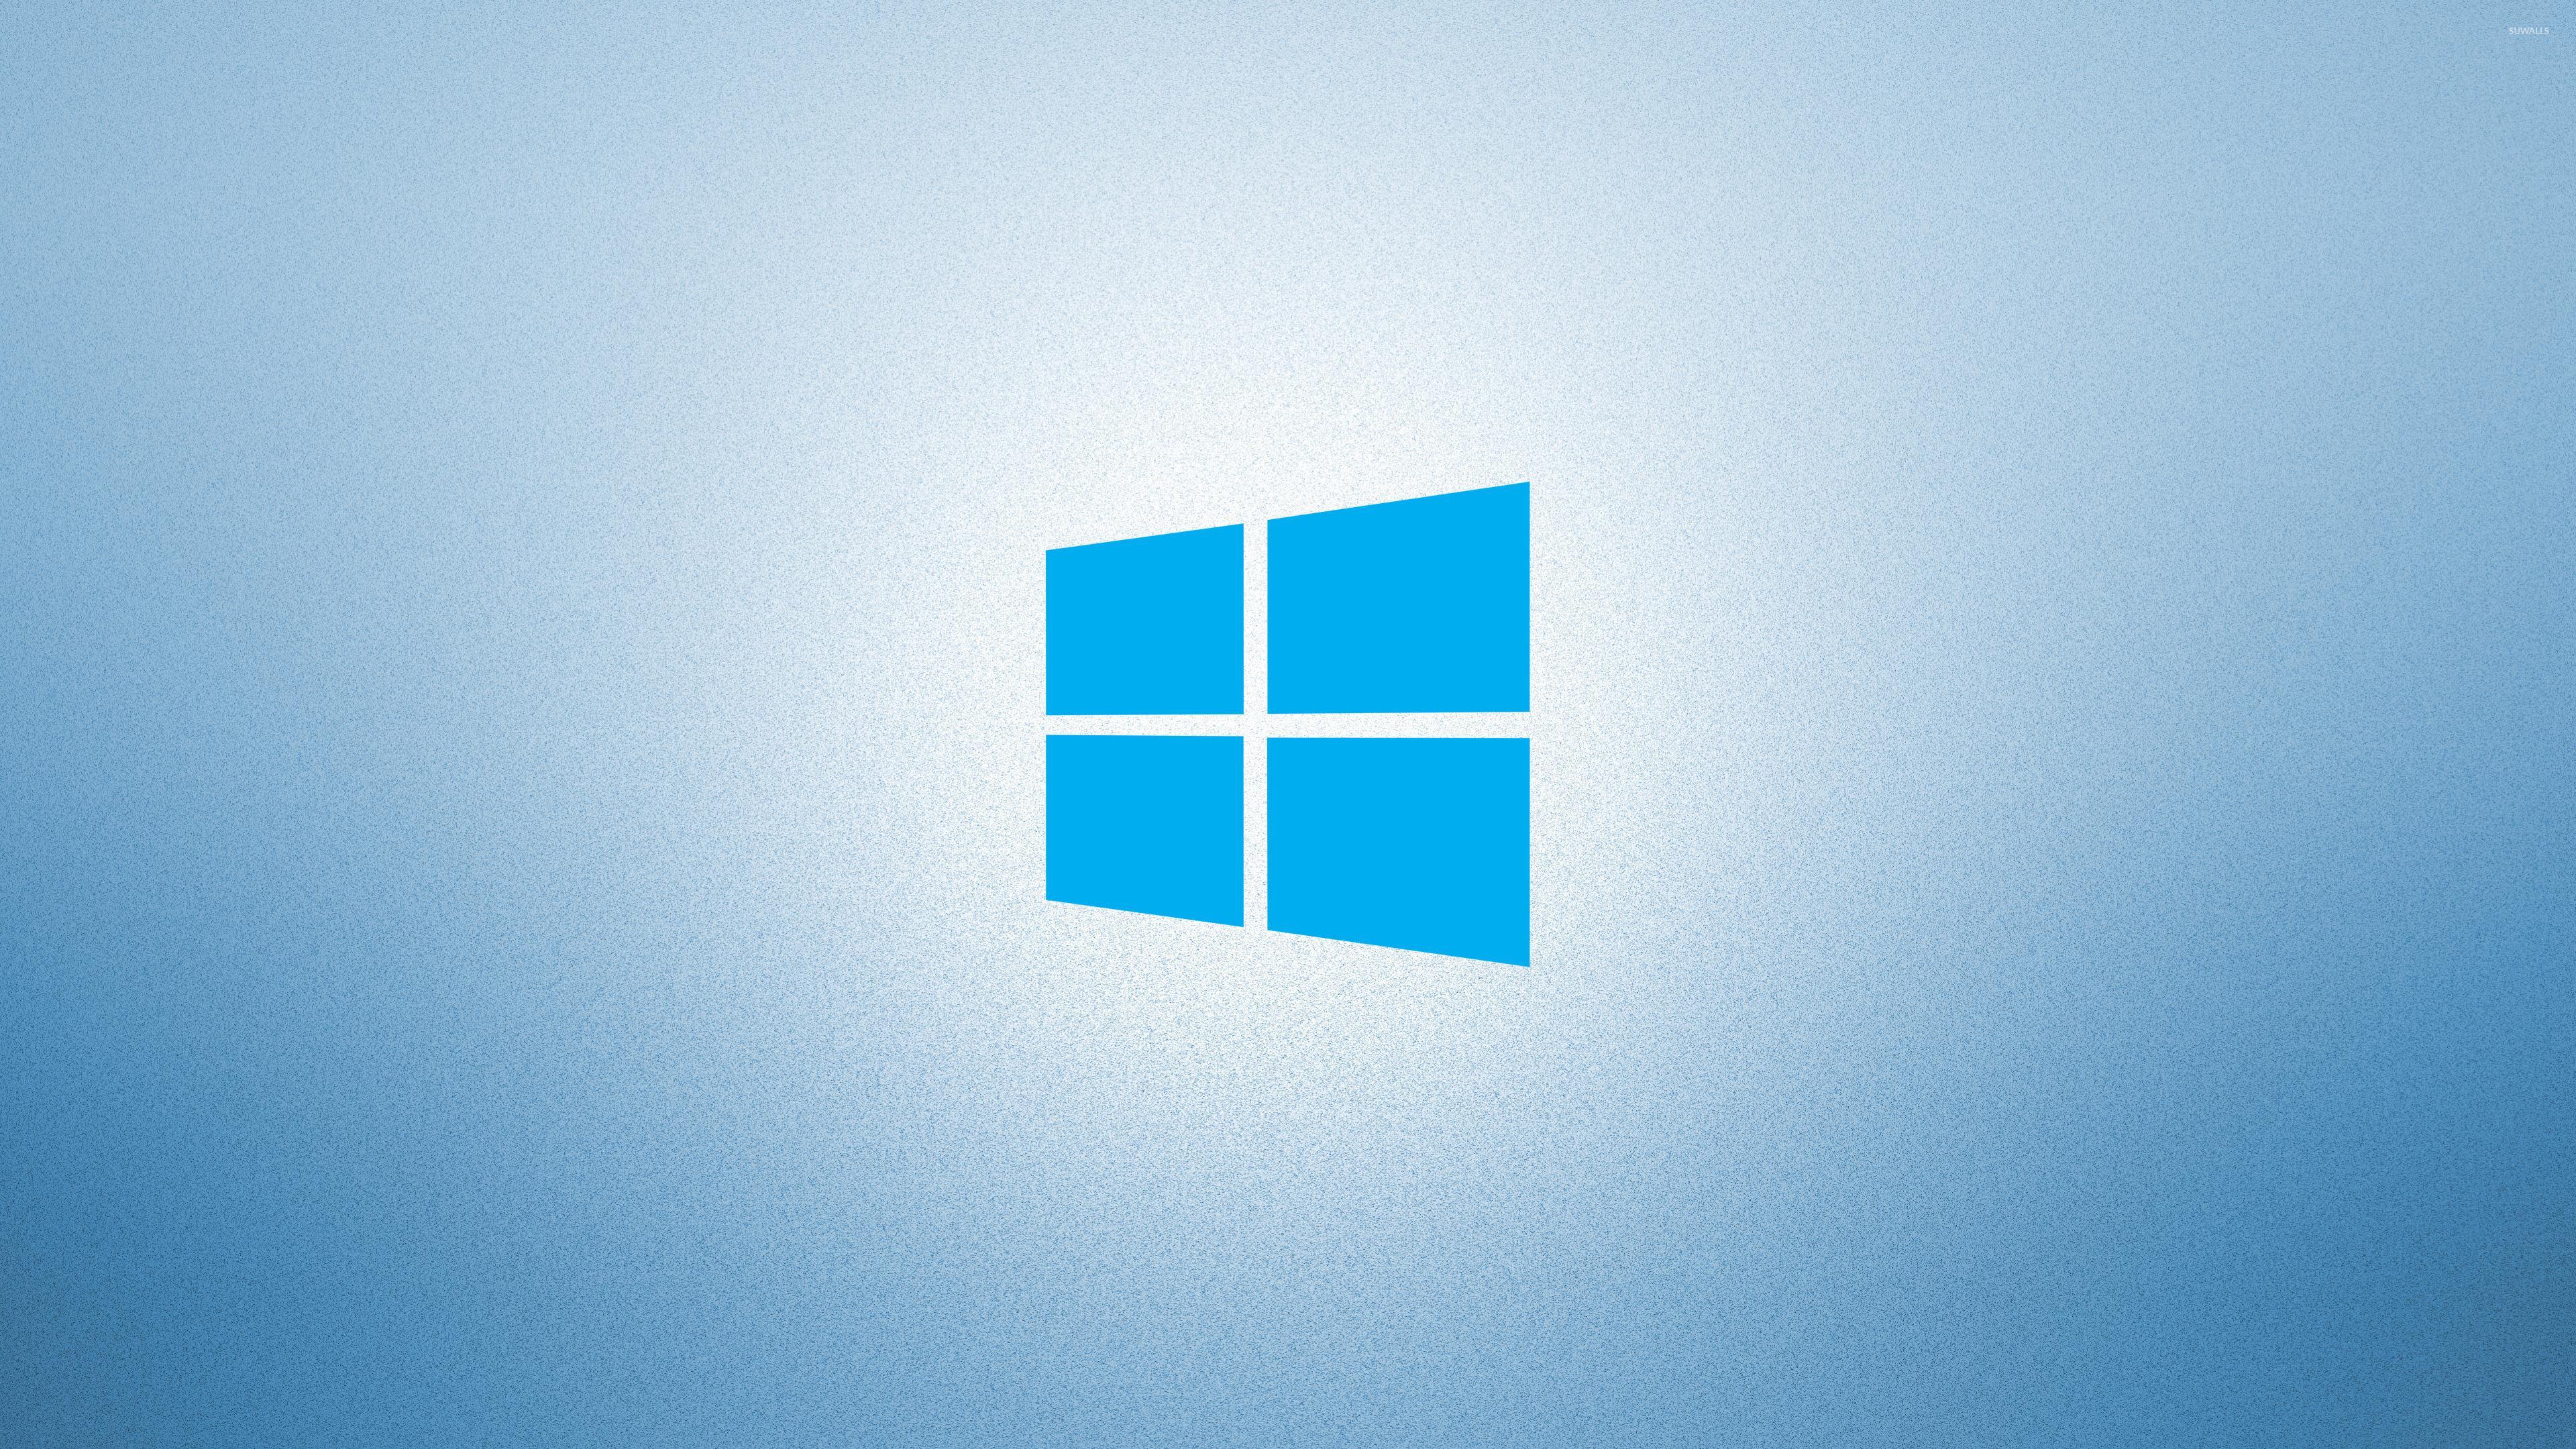 Fondos De Pantalla Animada: Cómo Añadir Un Fondo De Pantalla Animado En Windows 10